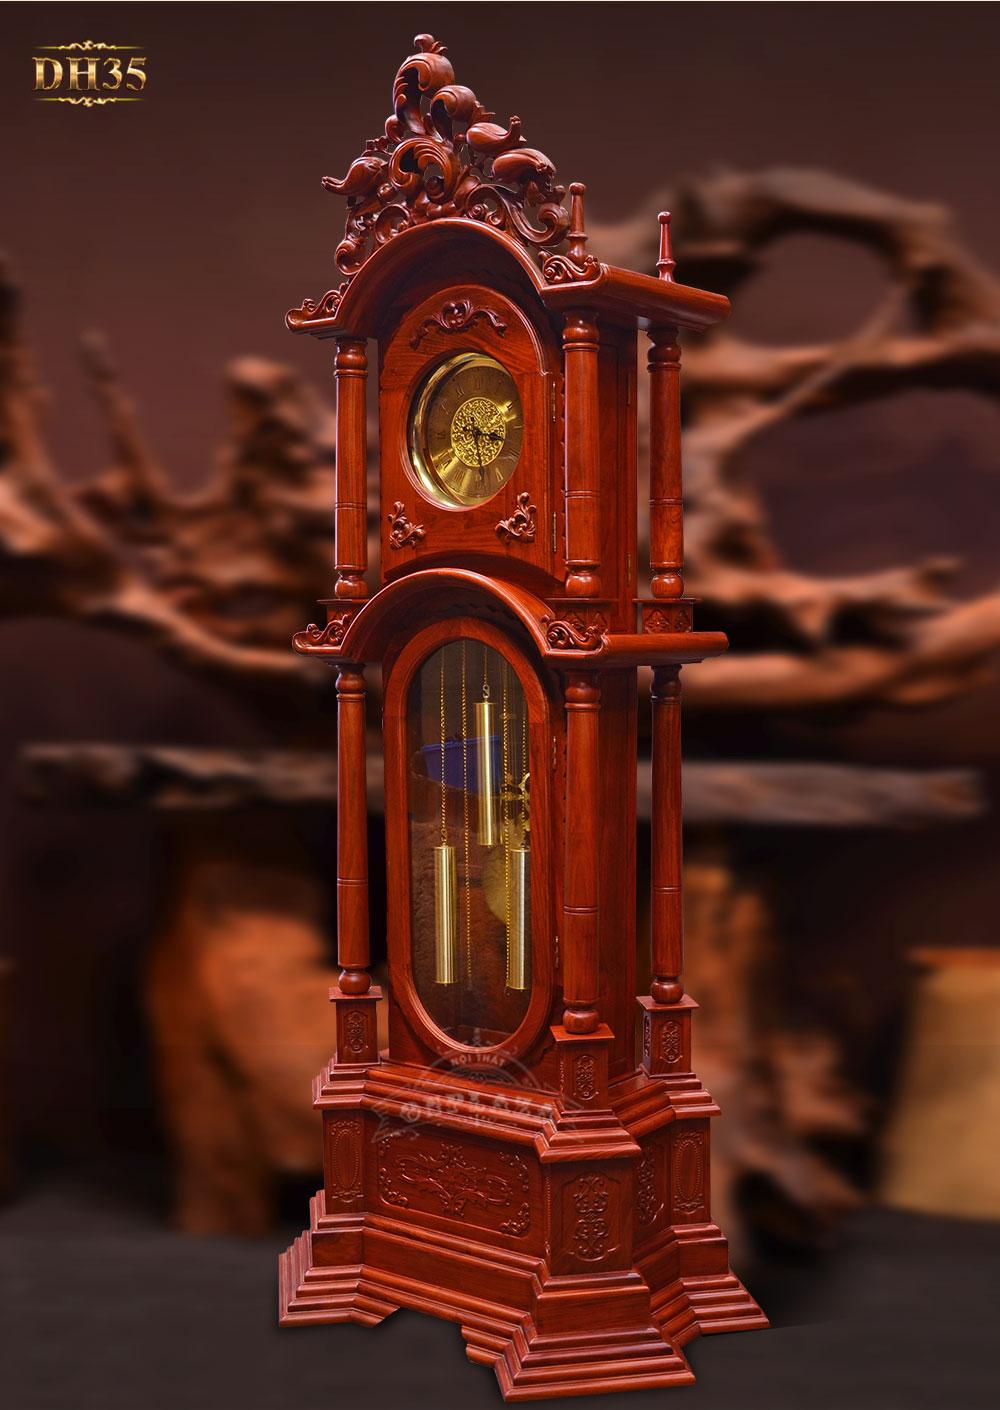 Đồng hồ cây vuông tứ trụ vân gỗ hương đỏ DH35